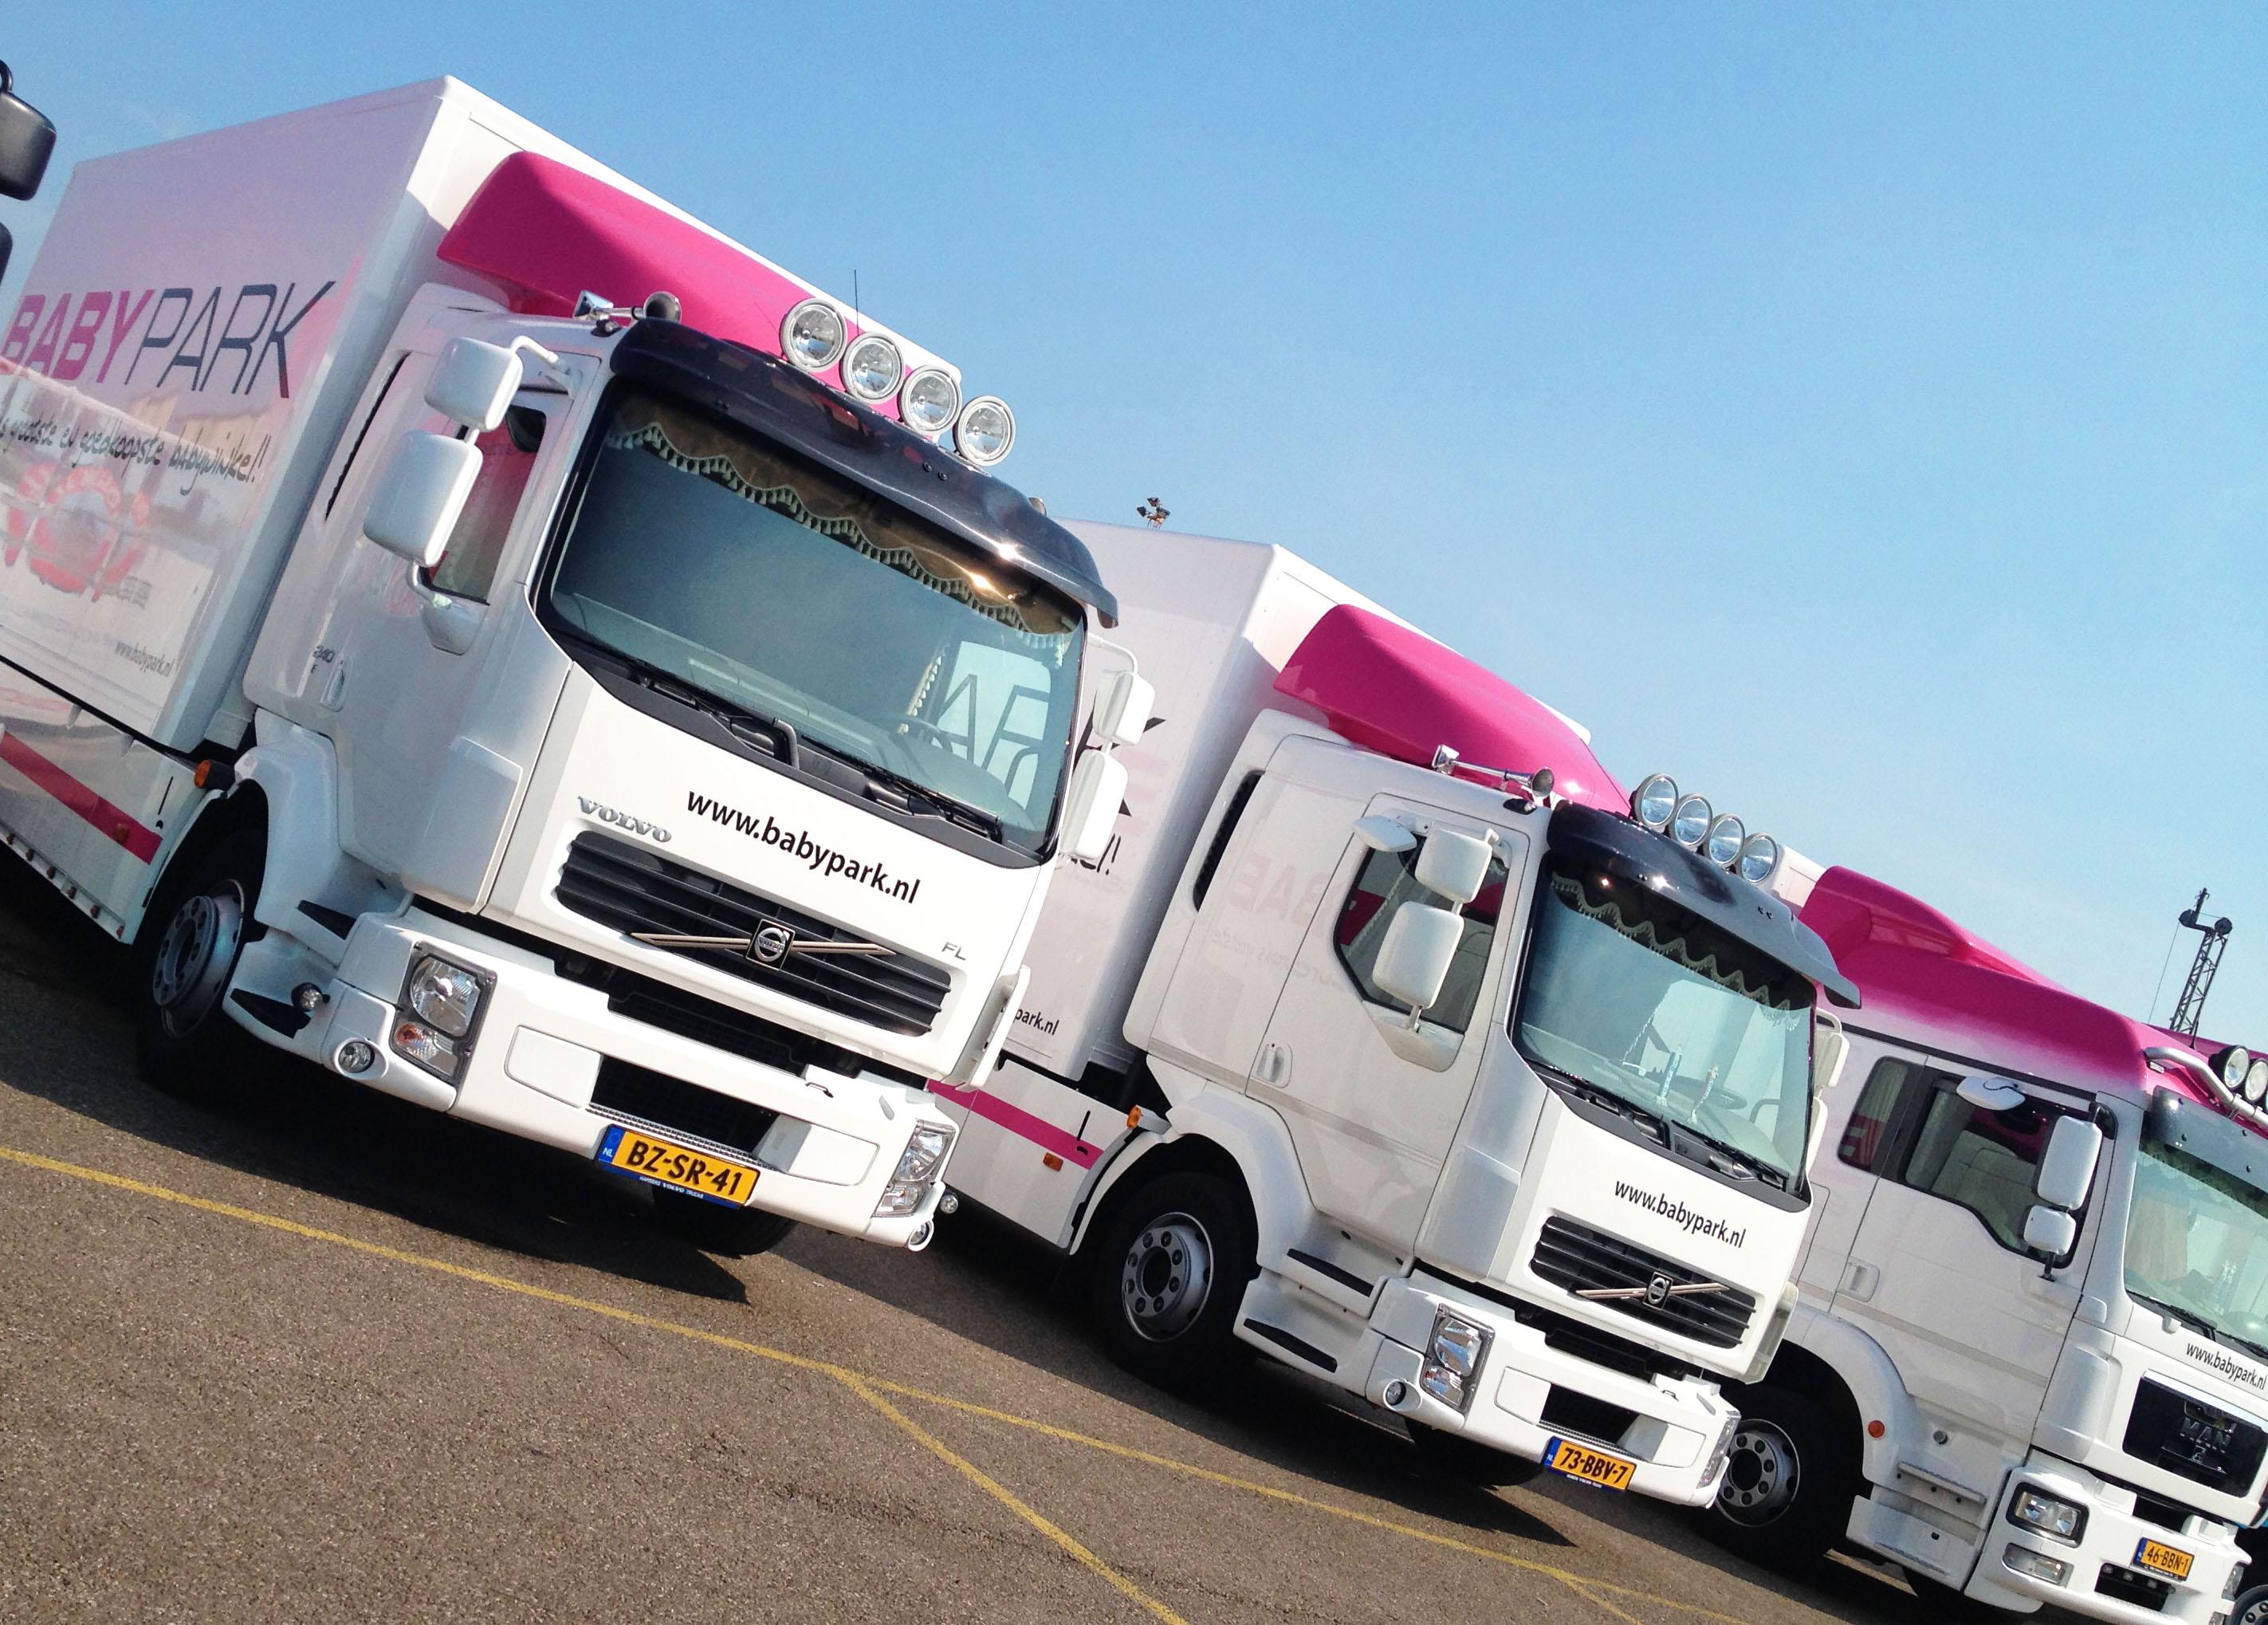 babypark vrachtwagens